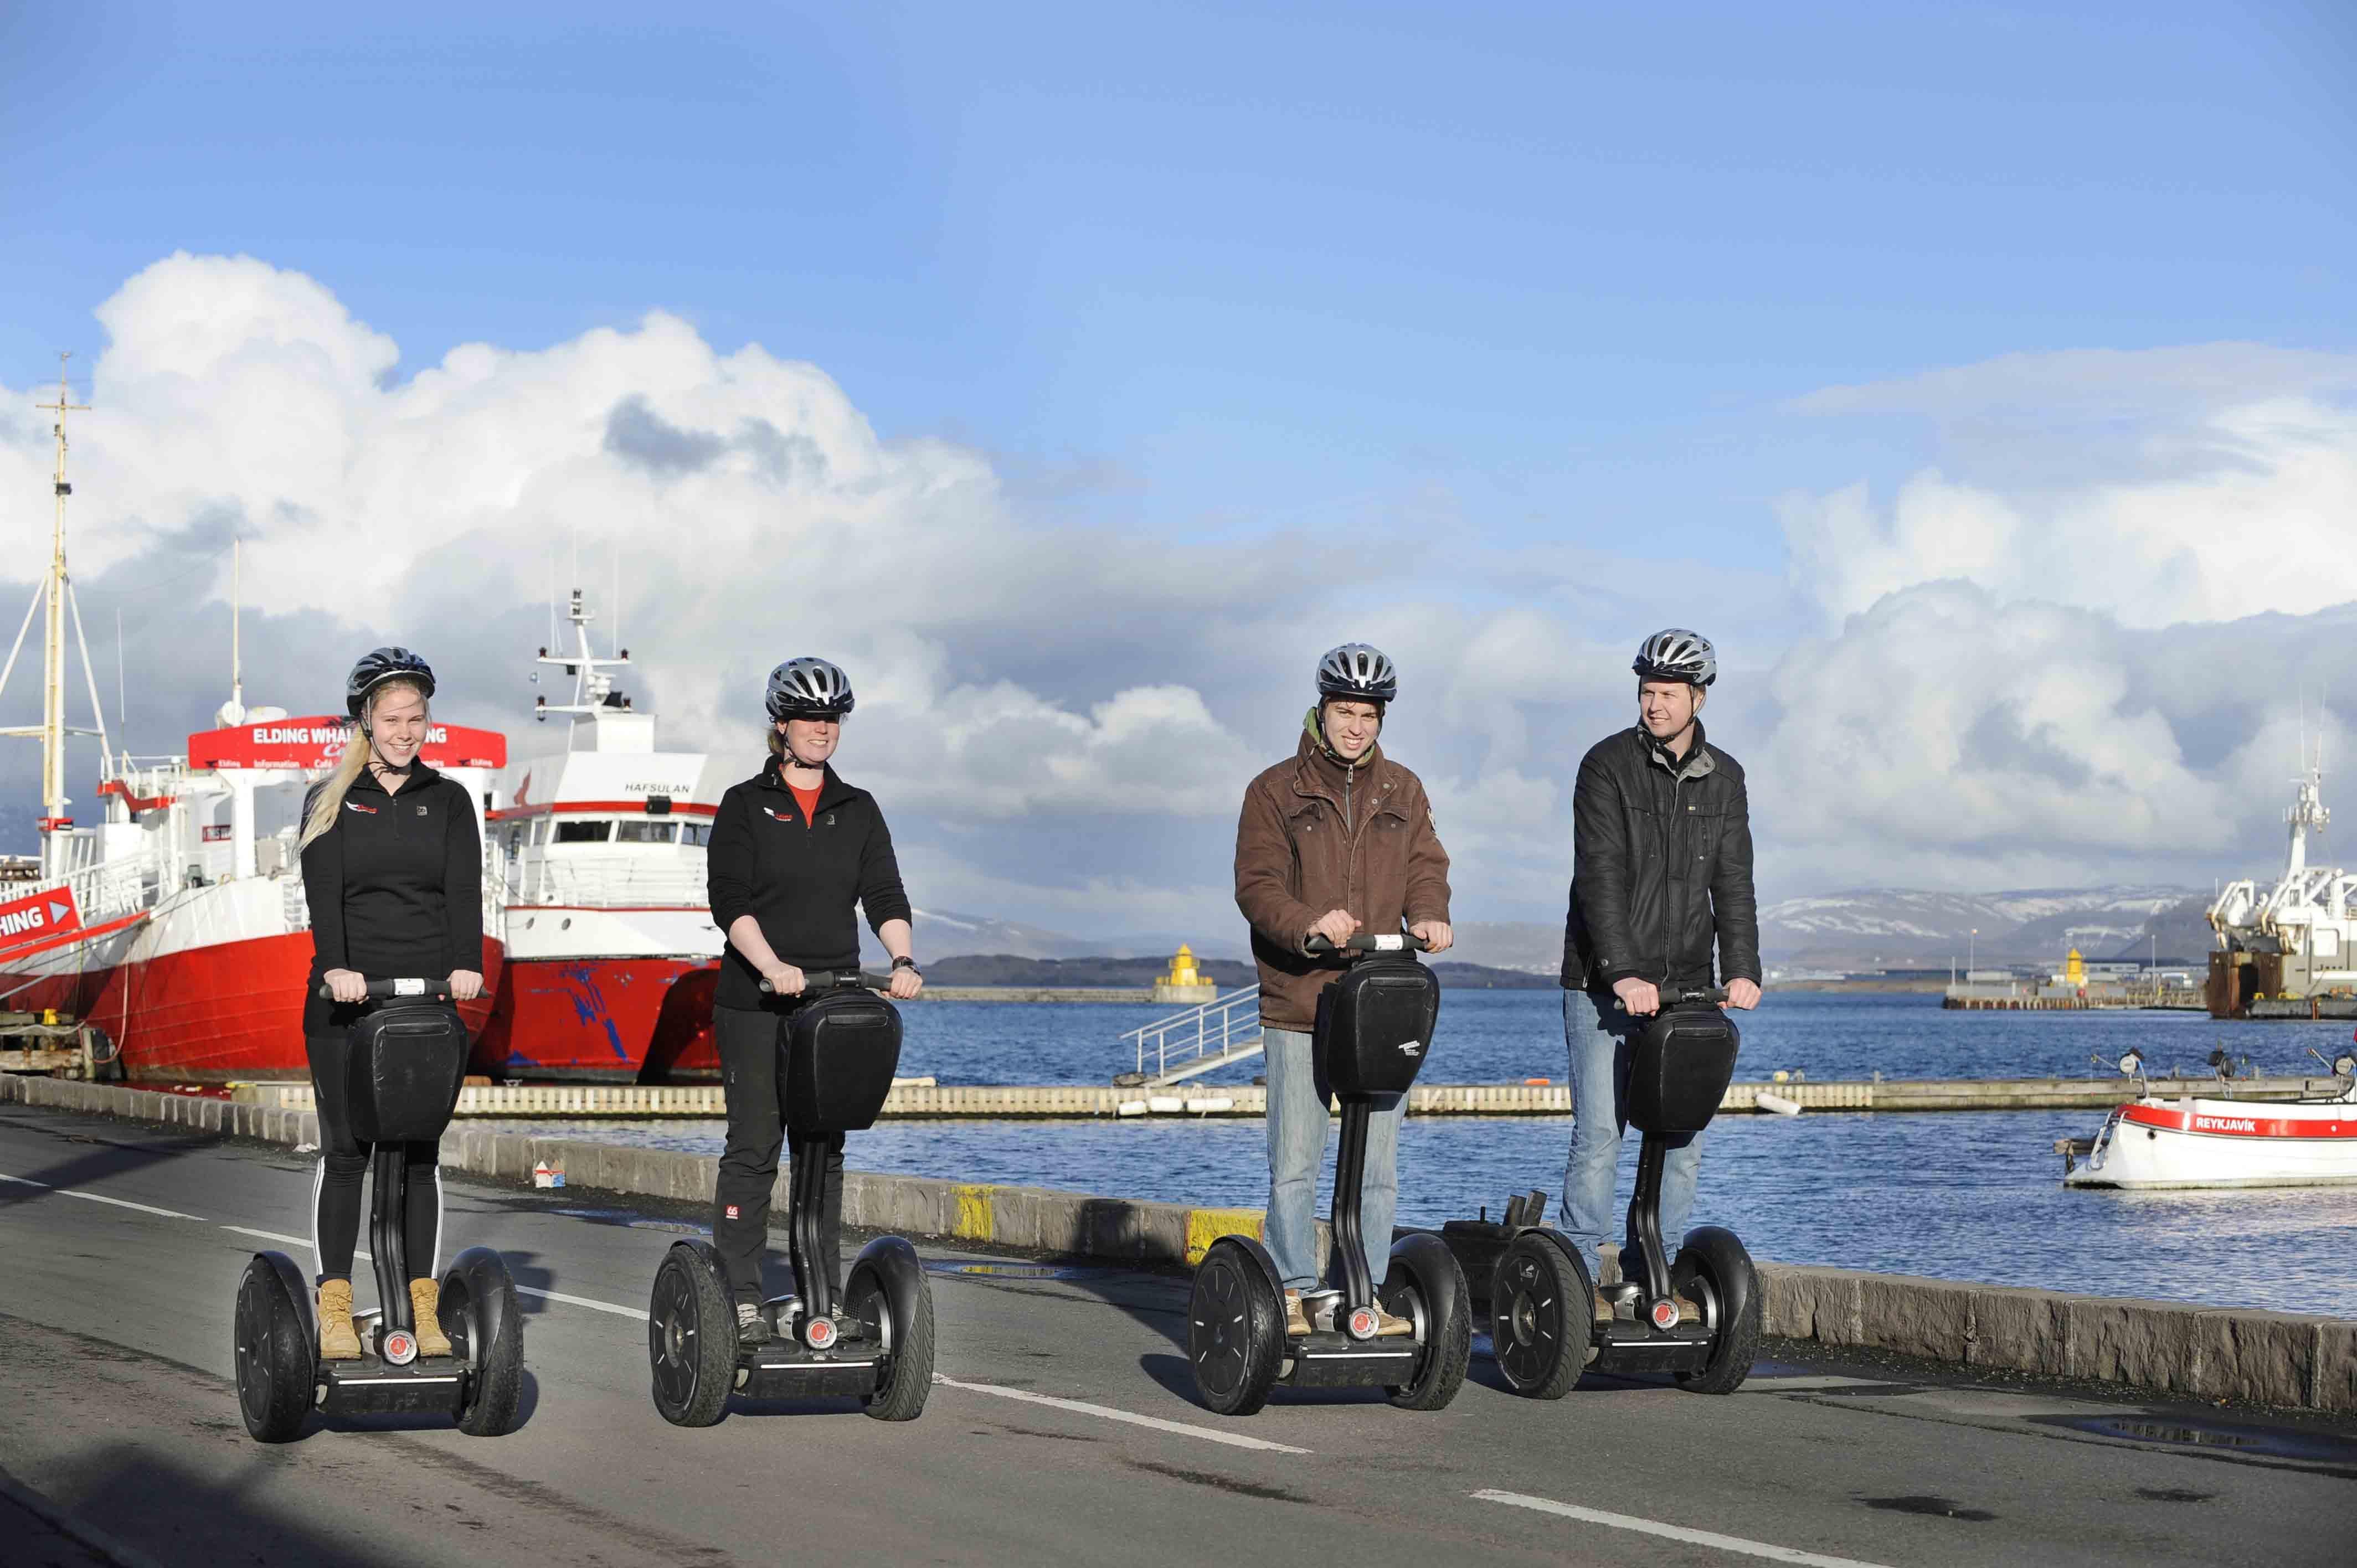 Segway Tour of Reykjavik